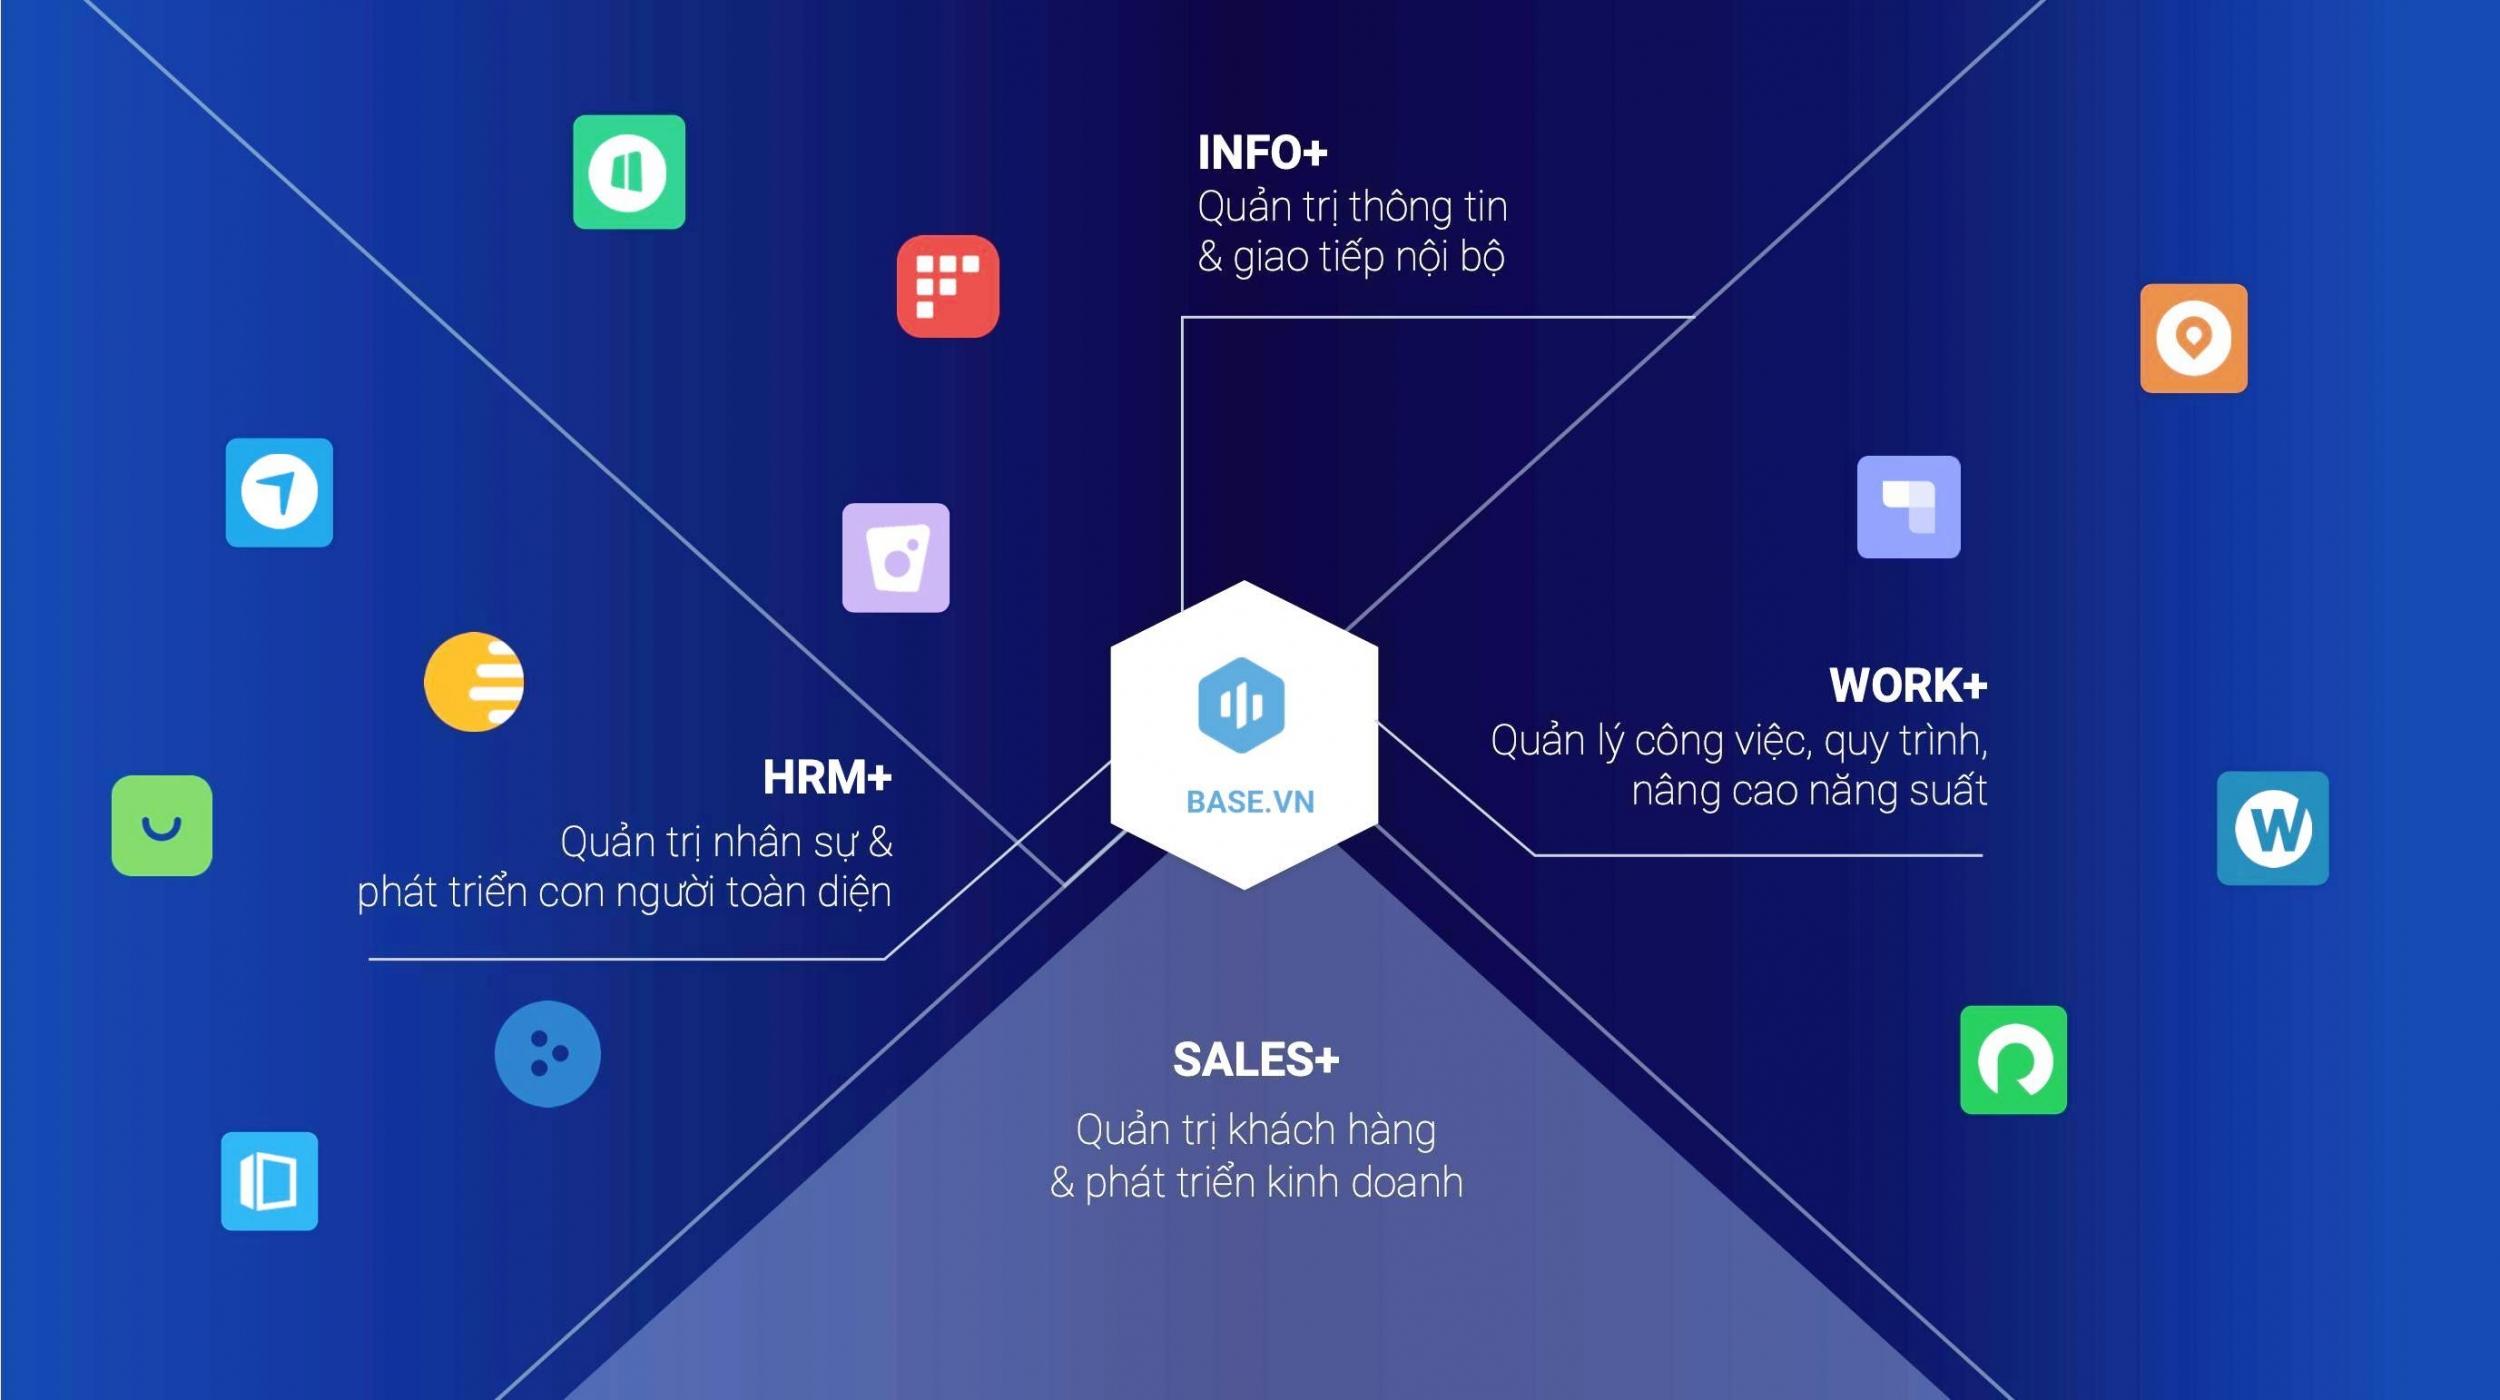 Ra mắt nền tảng quản trị doanh nghiệp toàn diện Base.vn